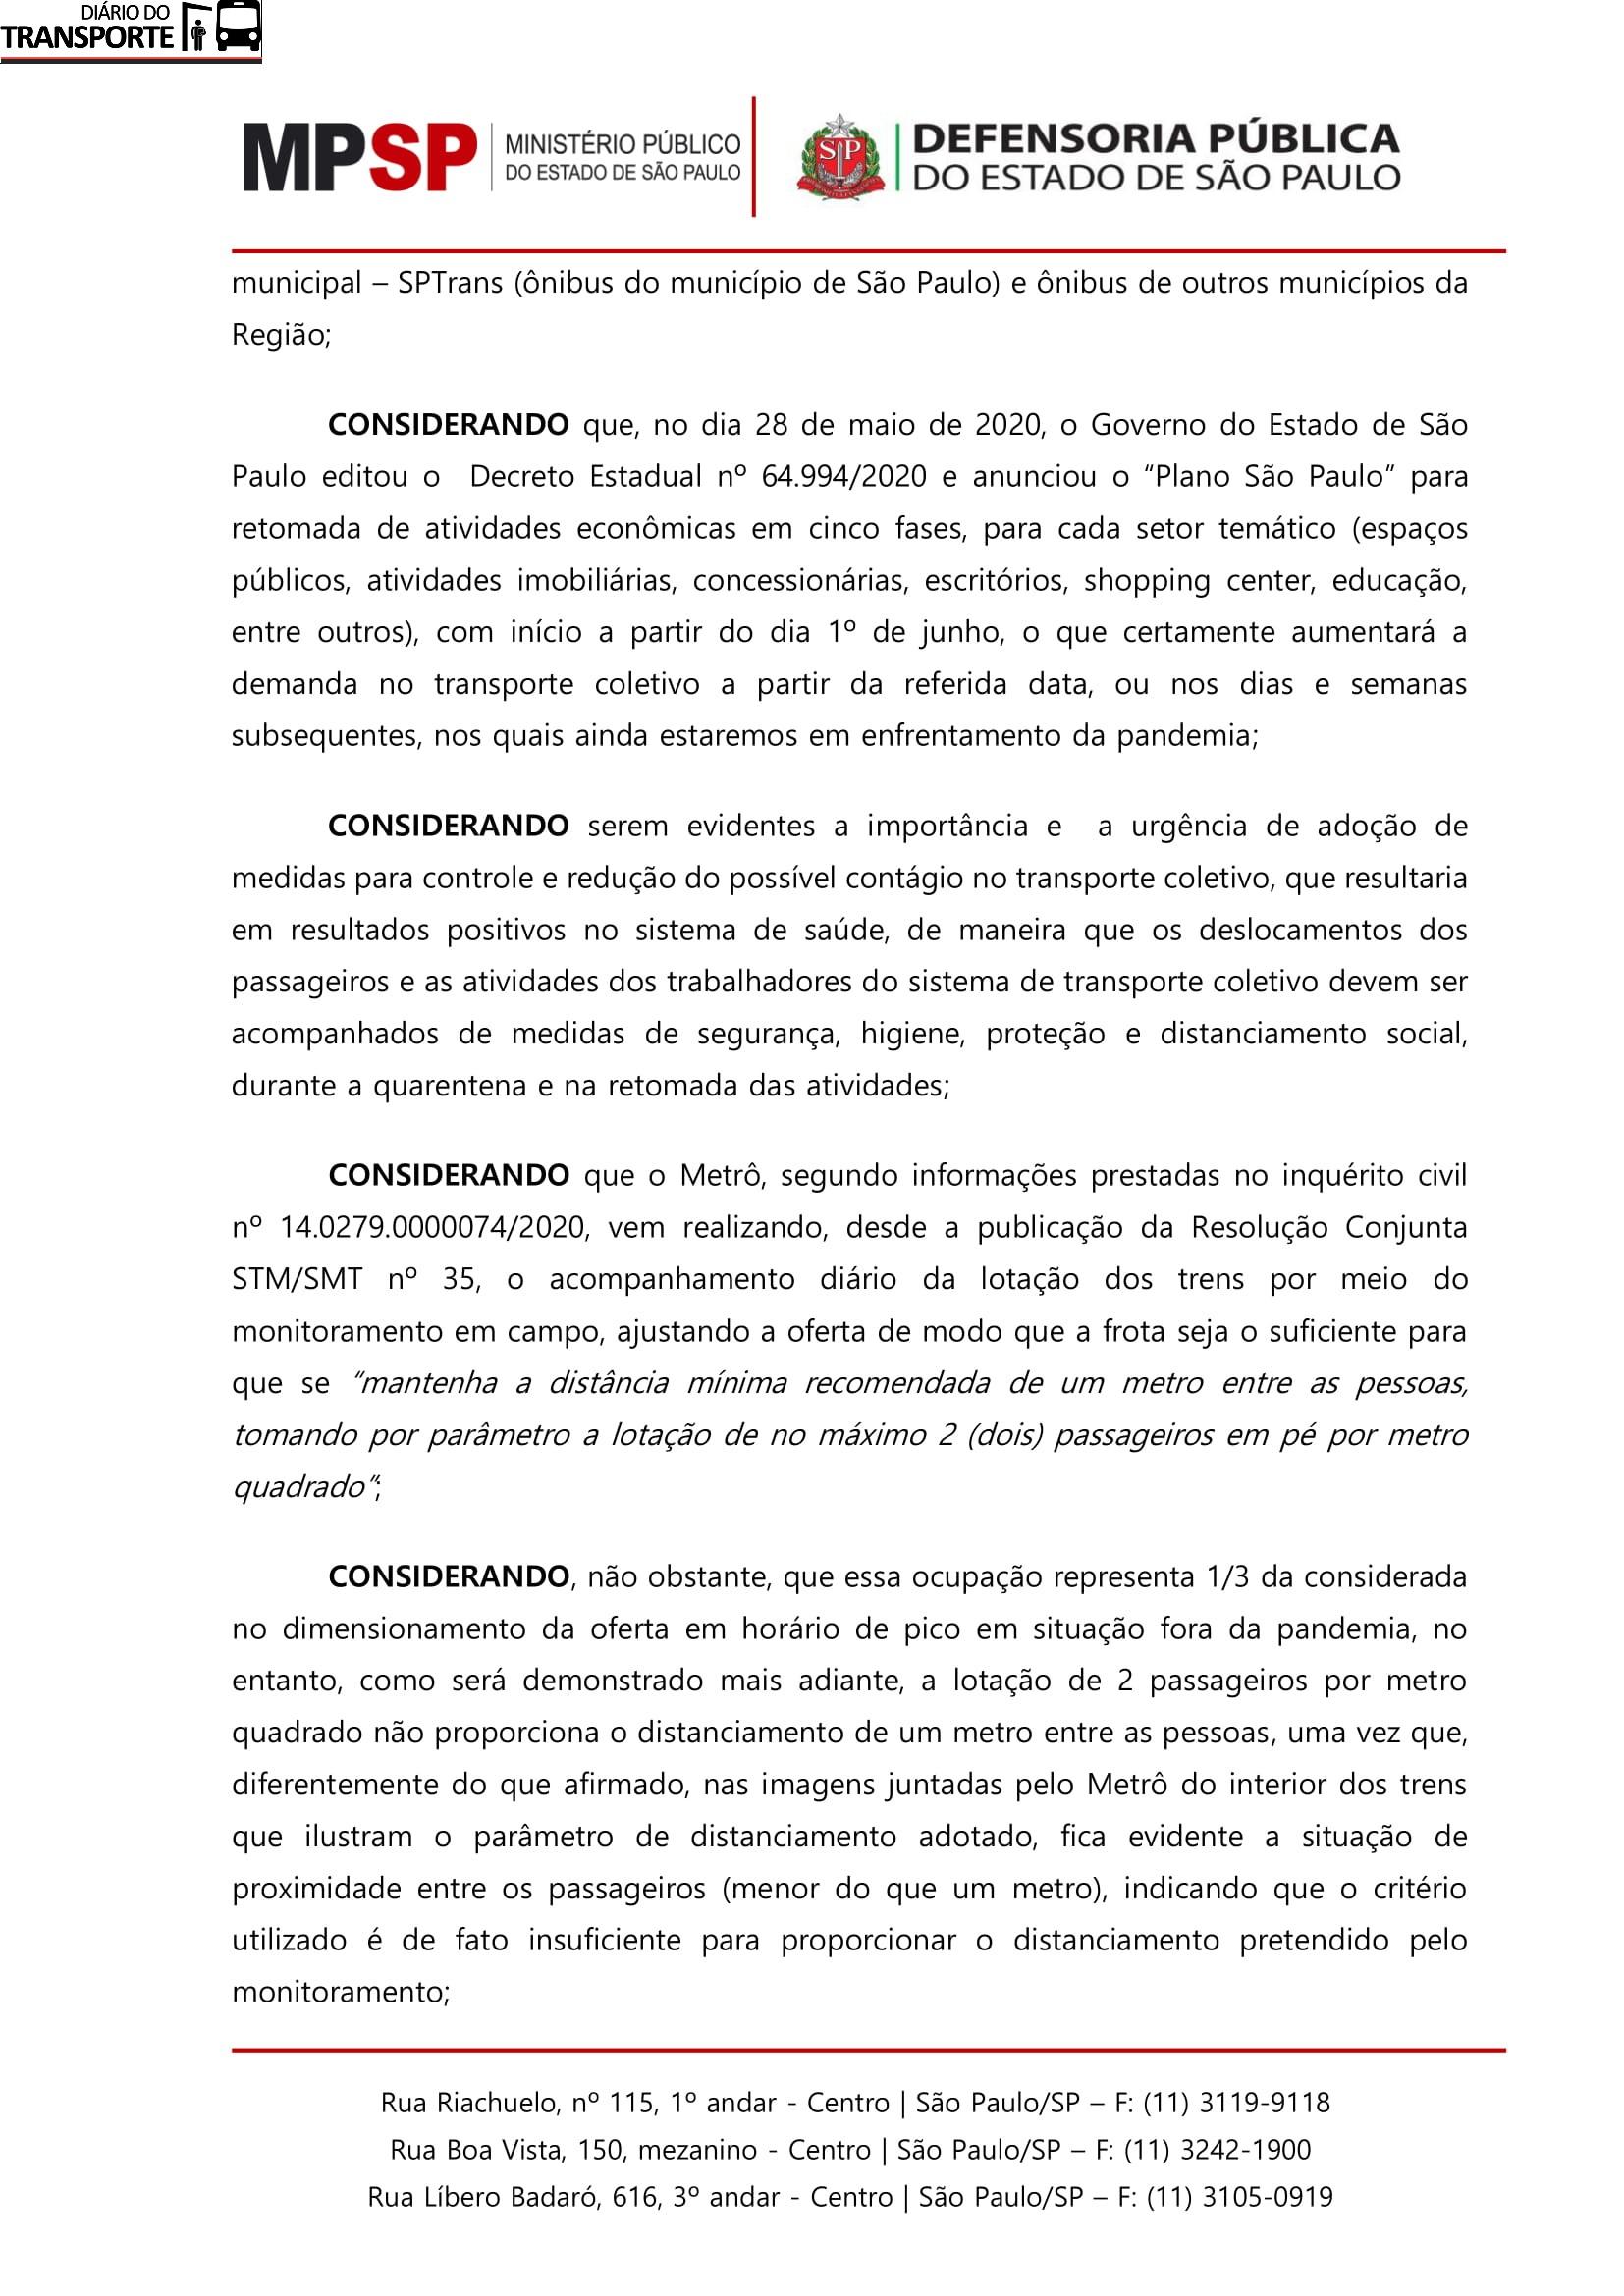 recomendação transporte_METRO-06